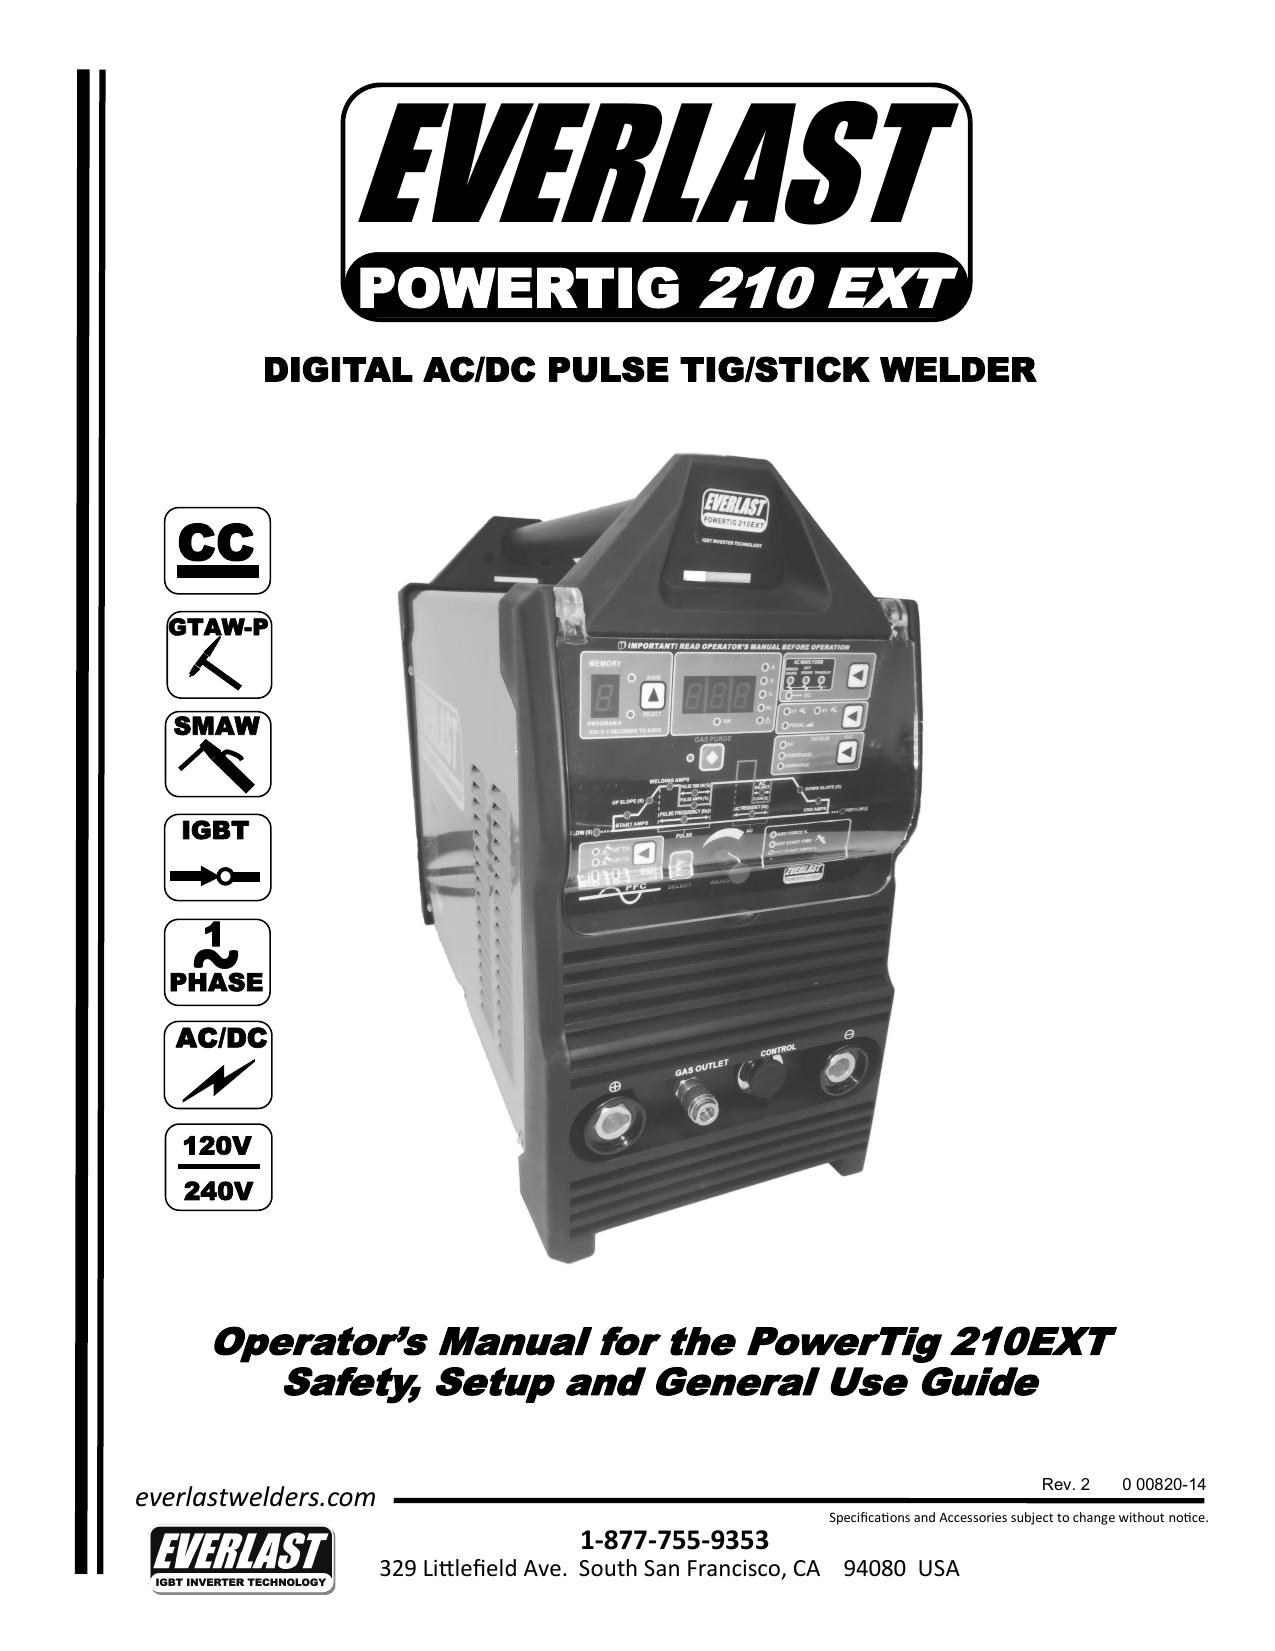 ongelooflijke prijzen top mode online te koop POWERTIG 210 EXT - Everlast Welders   manualzz.com